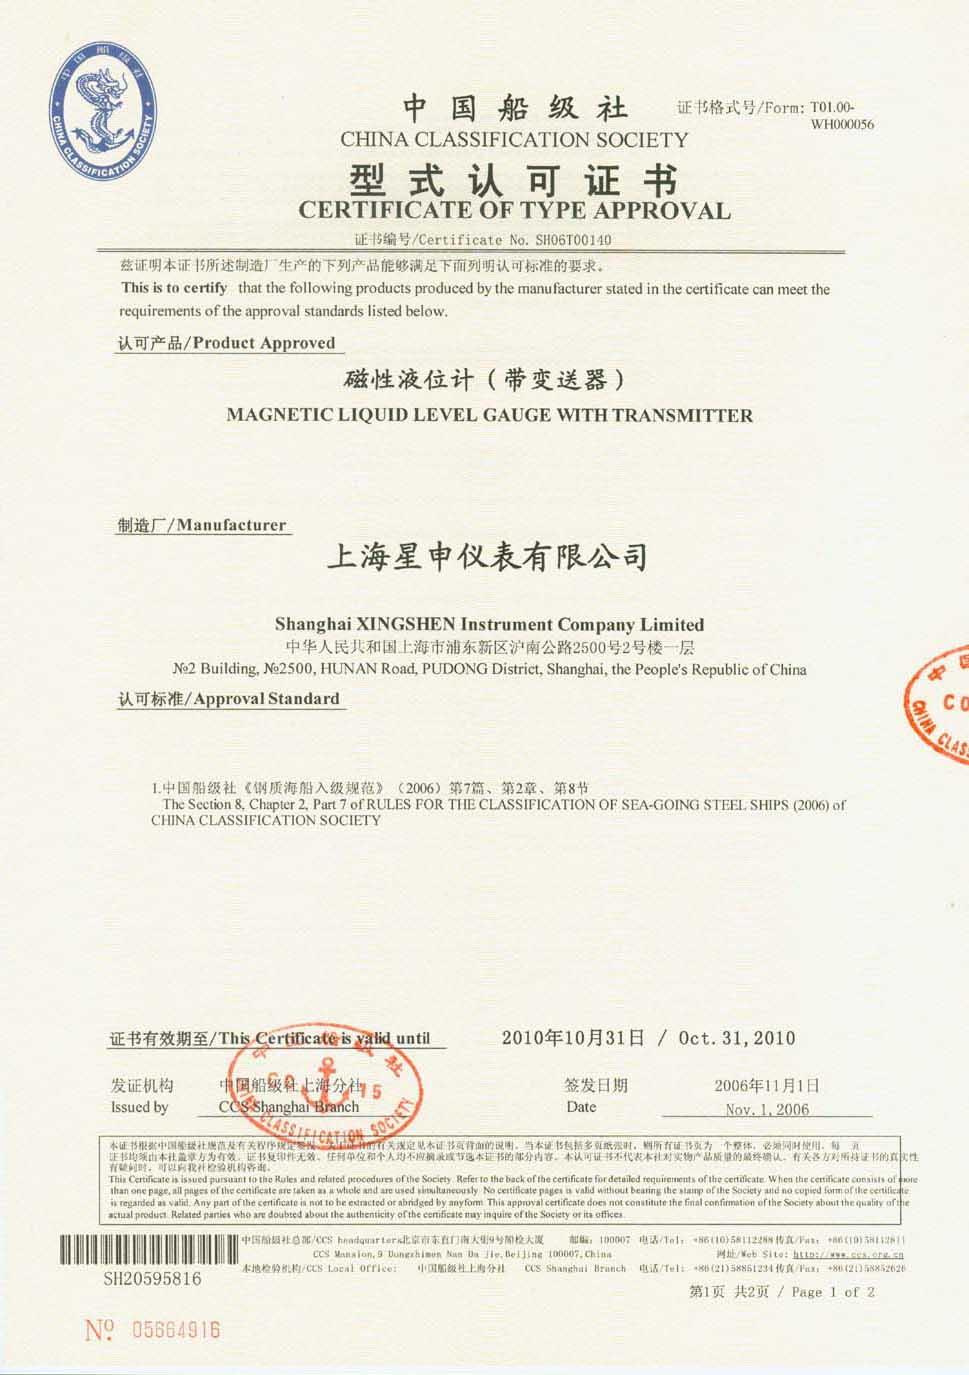 中国船级社型式认可证书-磁性液位计(带变送器)1